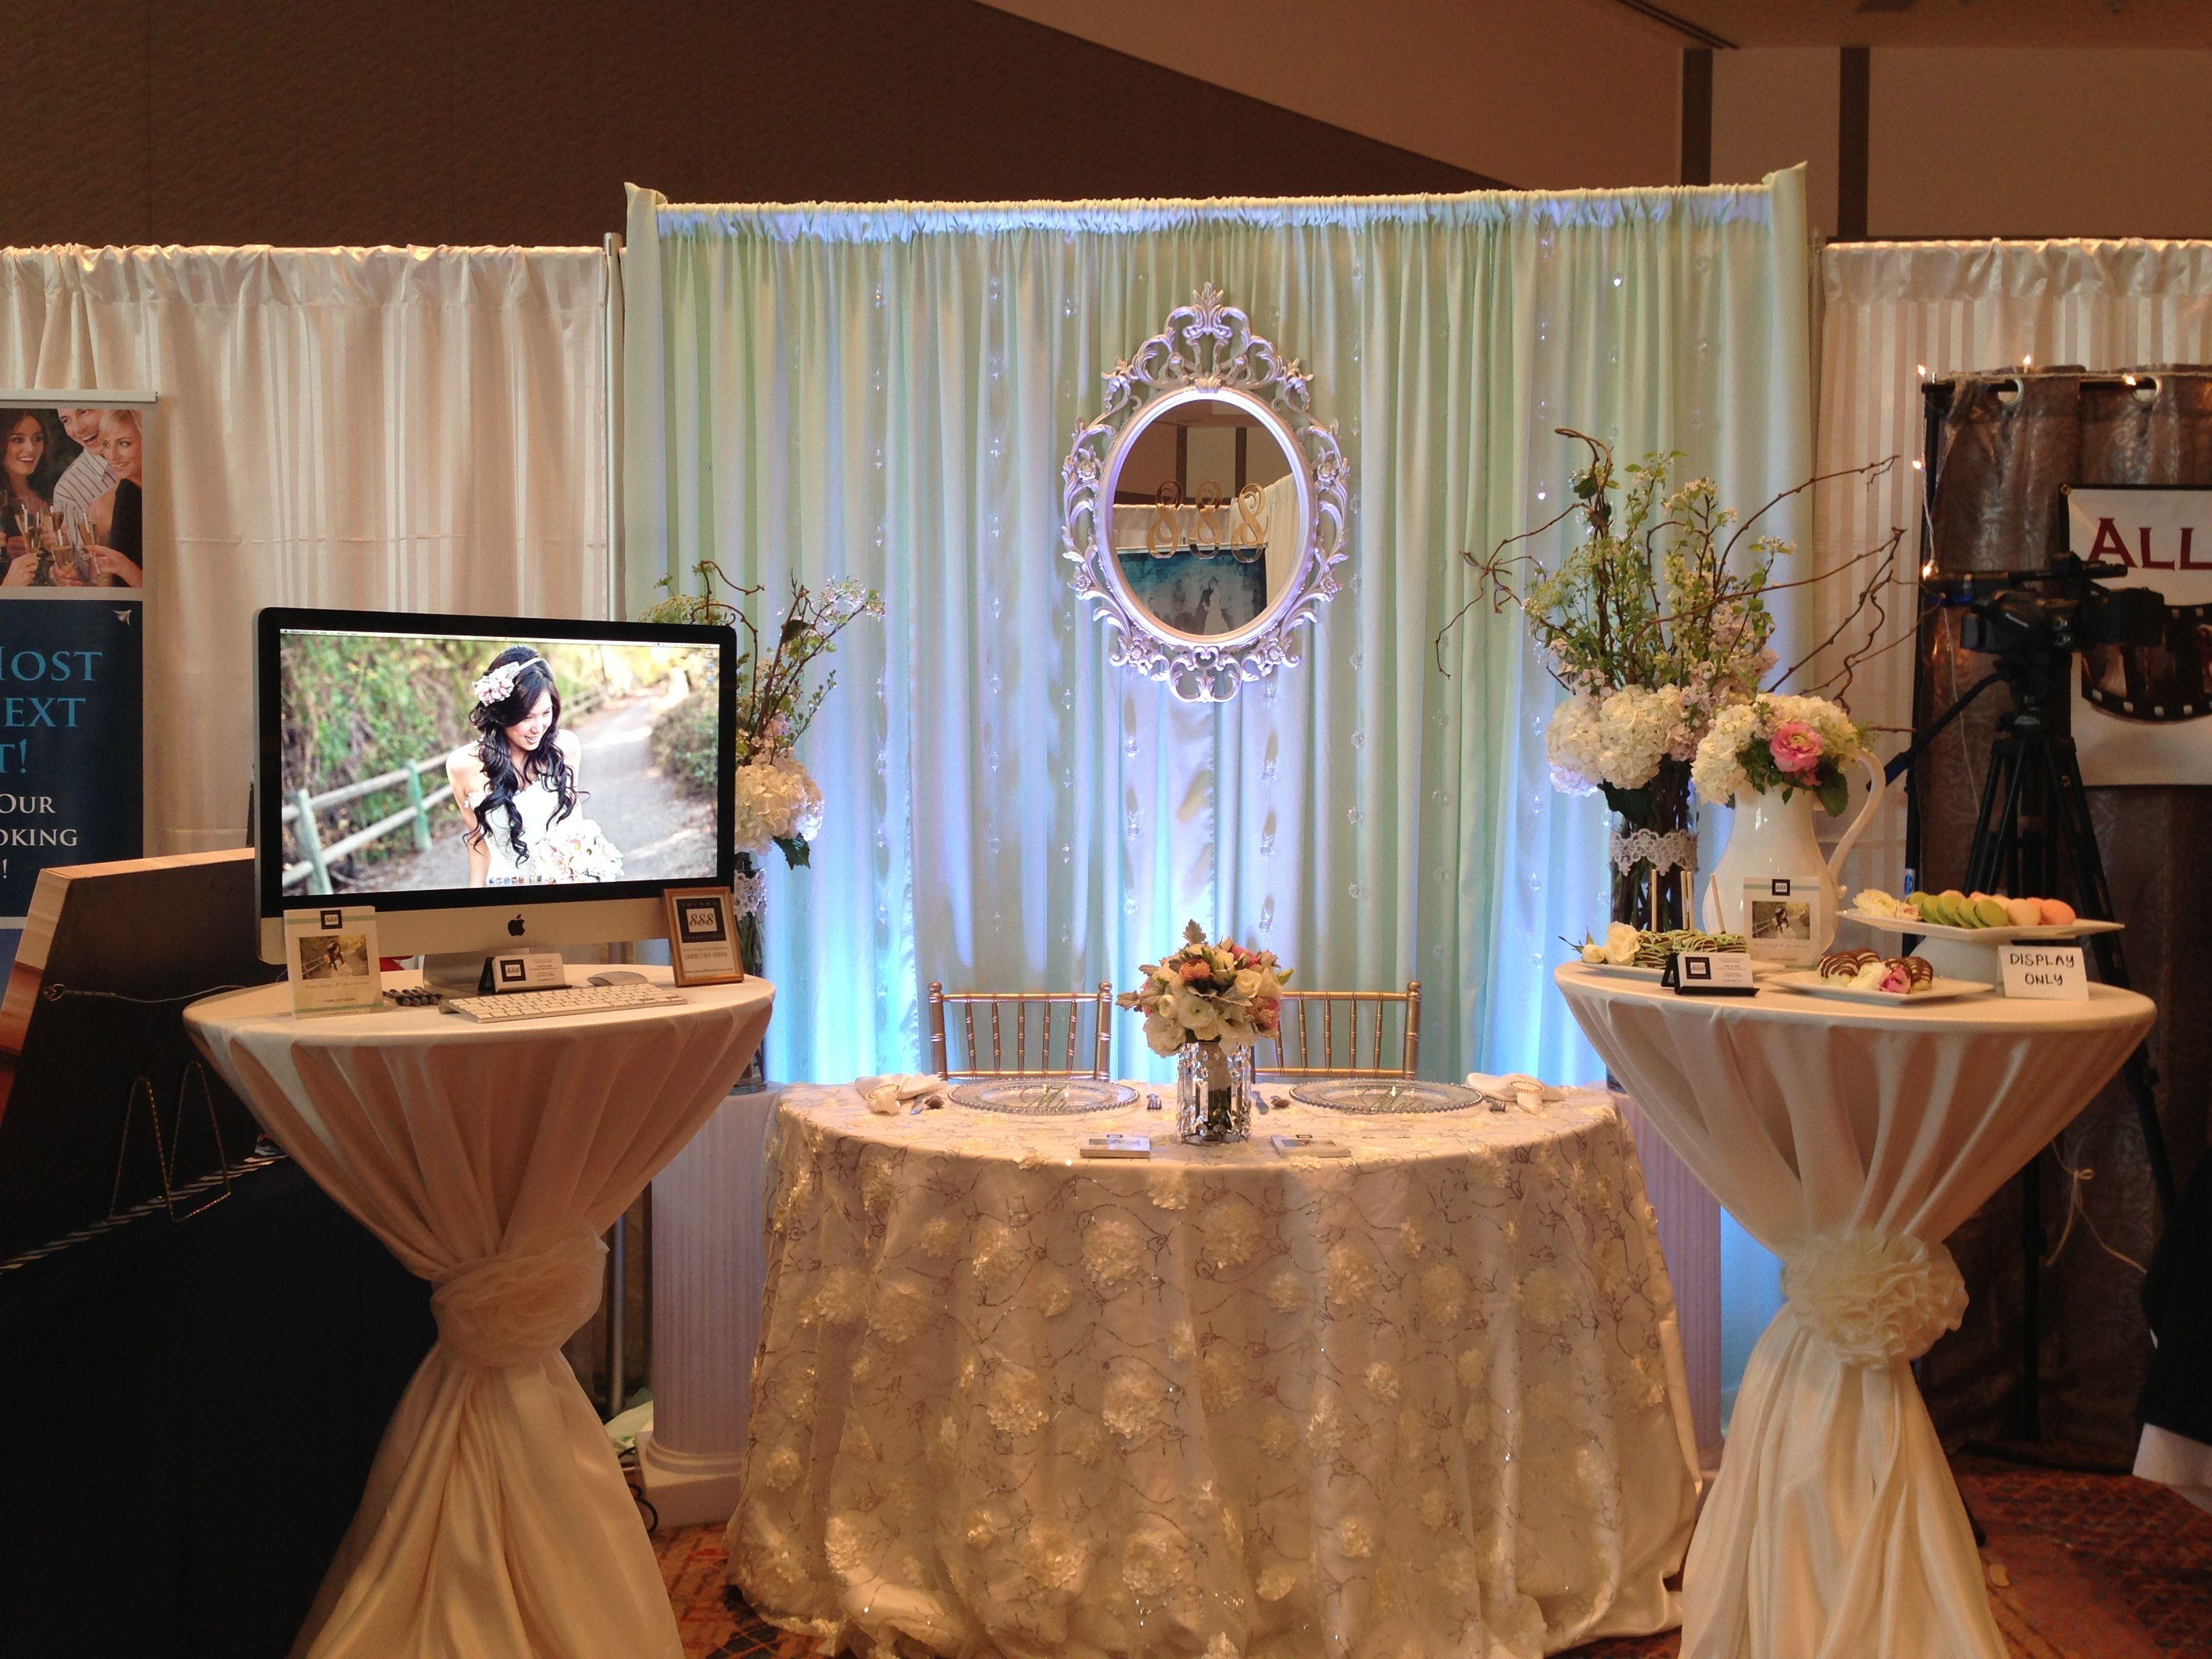 Wedding Planner Bridal Show Booth Ideas : Pretty wedding booth at the premiere bridal show